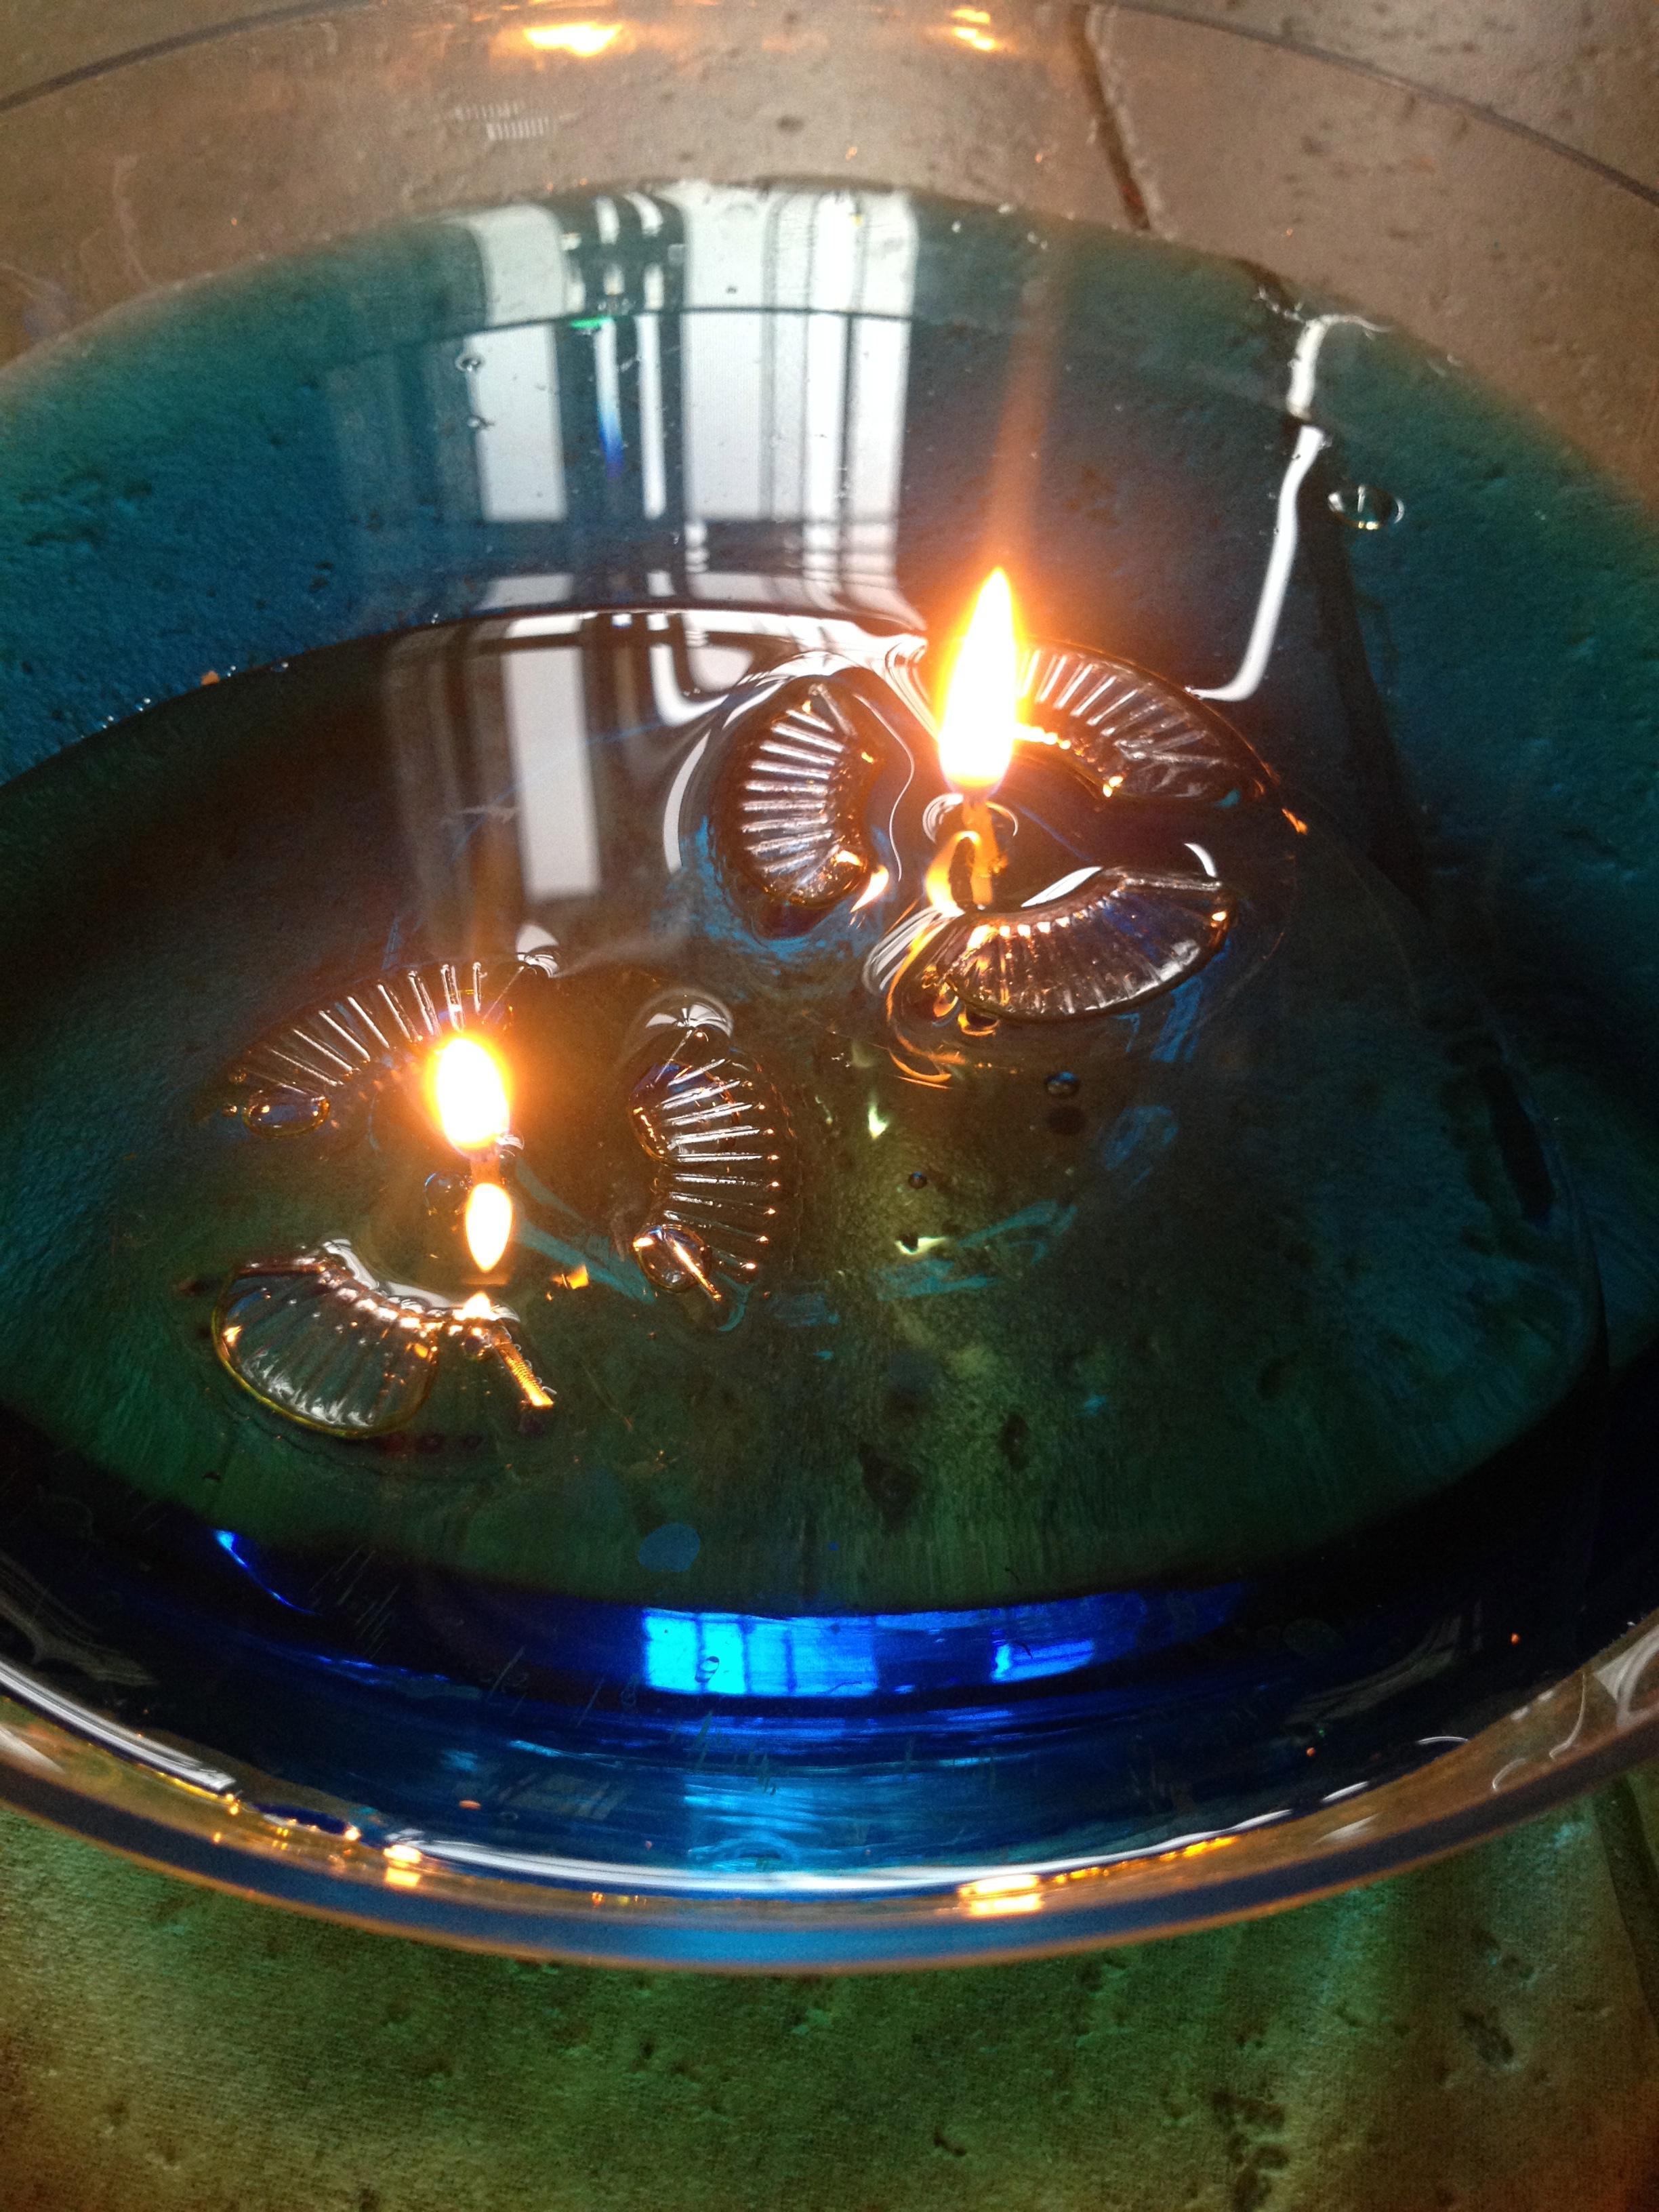 Hobby Lobby Candle kit | CREATIVE ME on Candle Globes Hobby Lobby id=50887